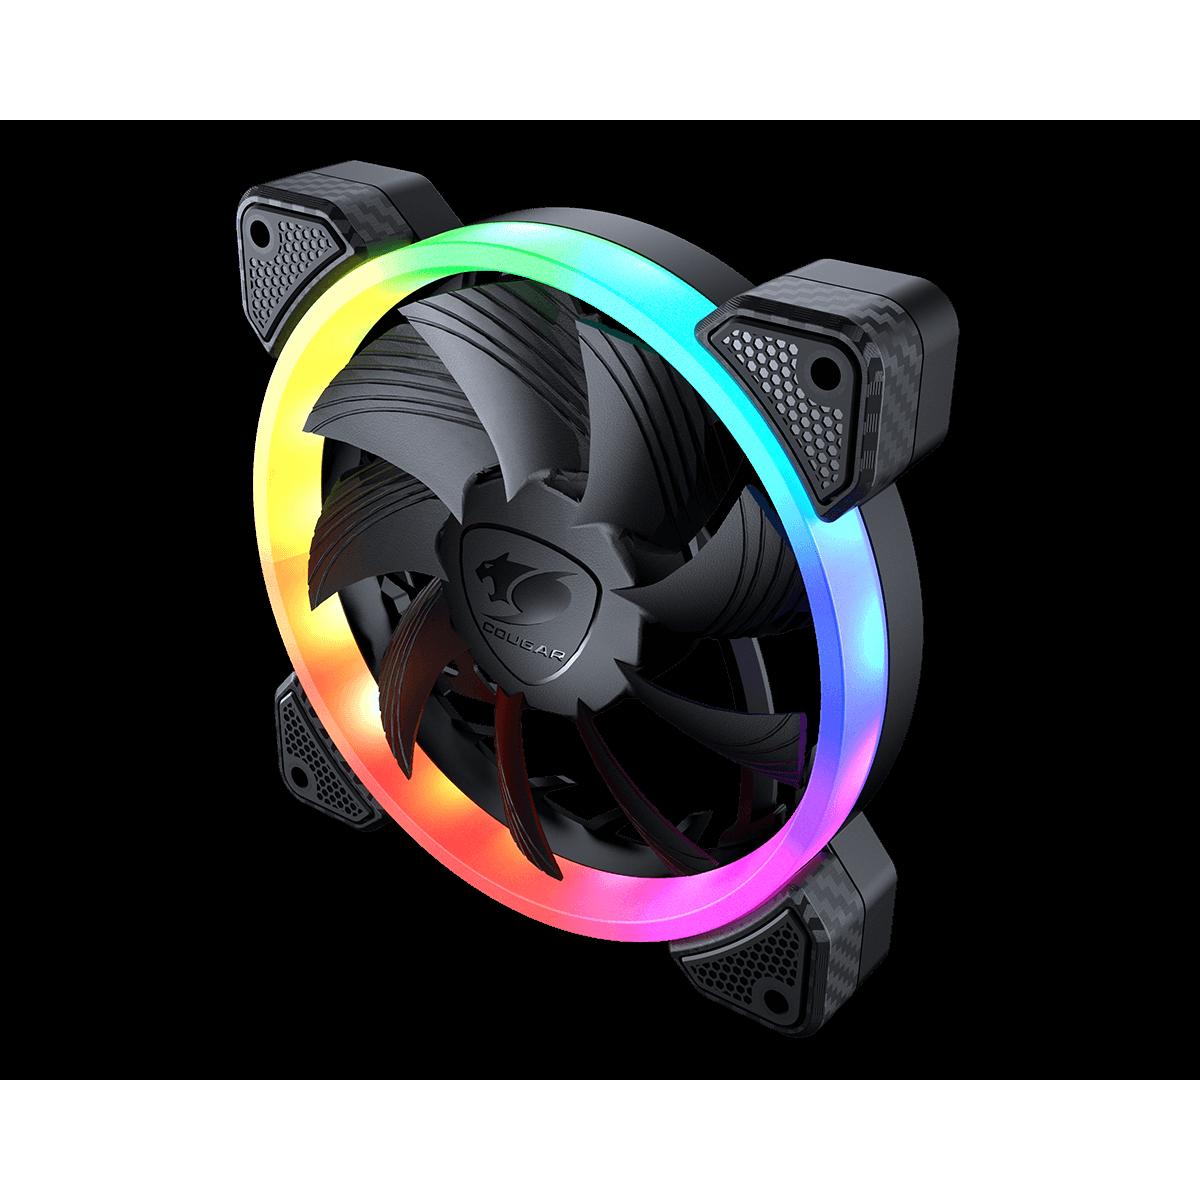 Kit Fan com 3 Unidades Cougar Vortex VK120, RGB, PWM, HDB, 120mm, 3MVK1203.0001